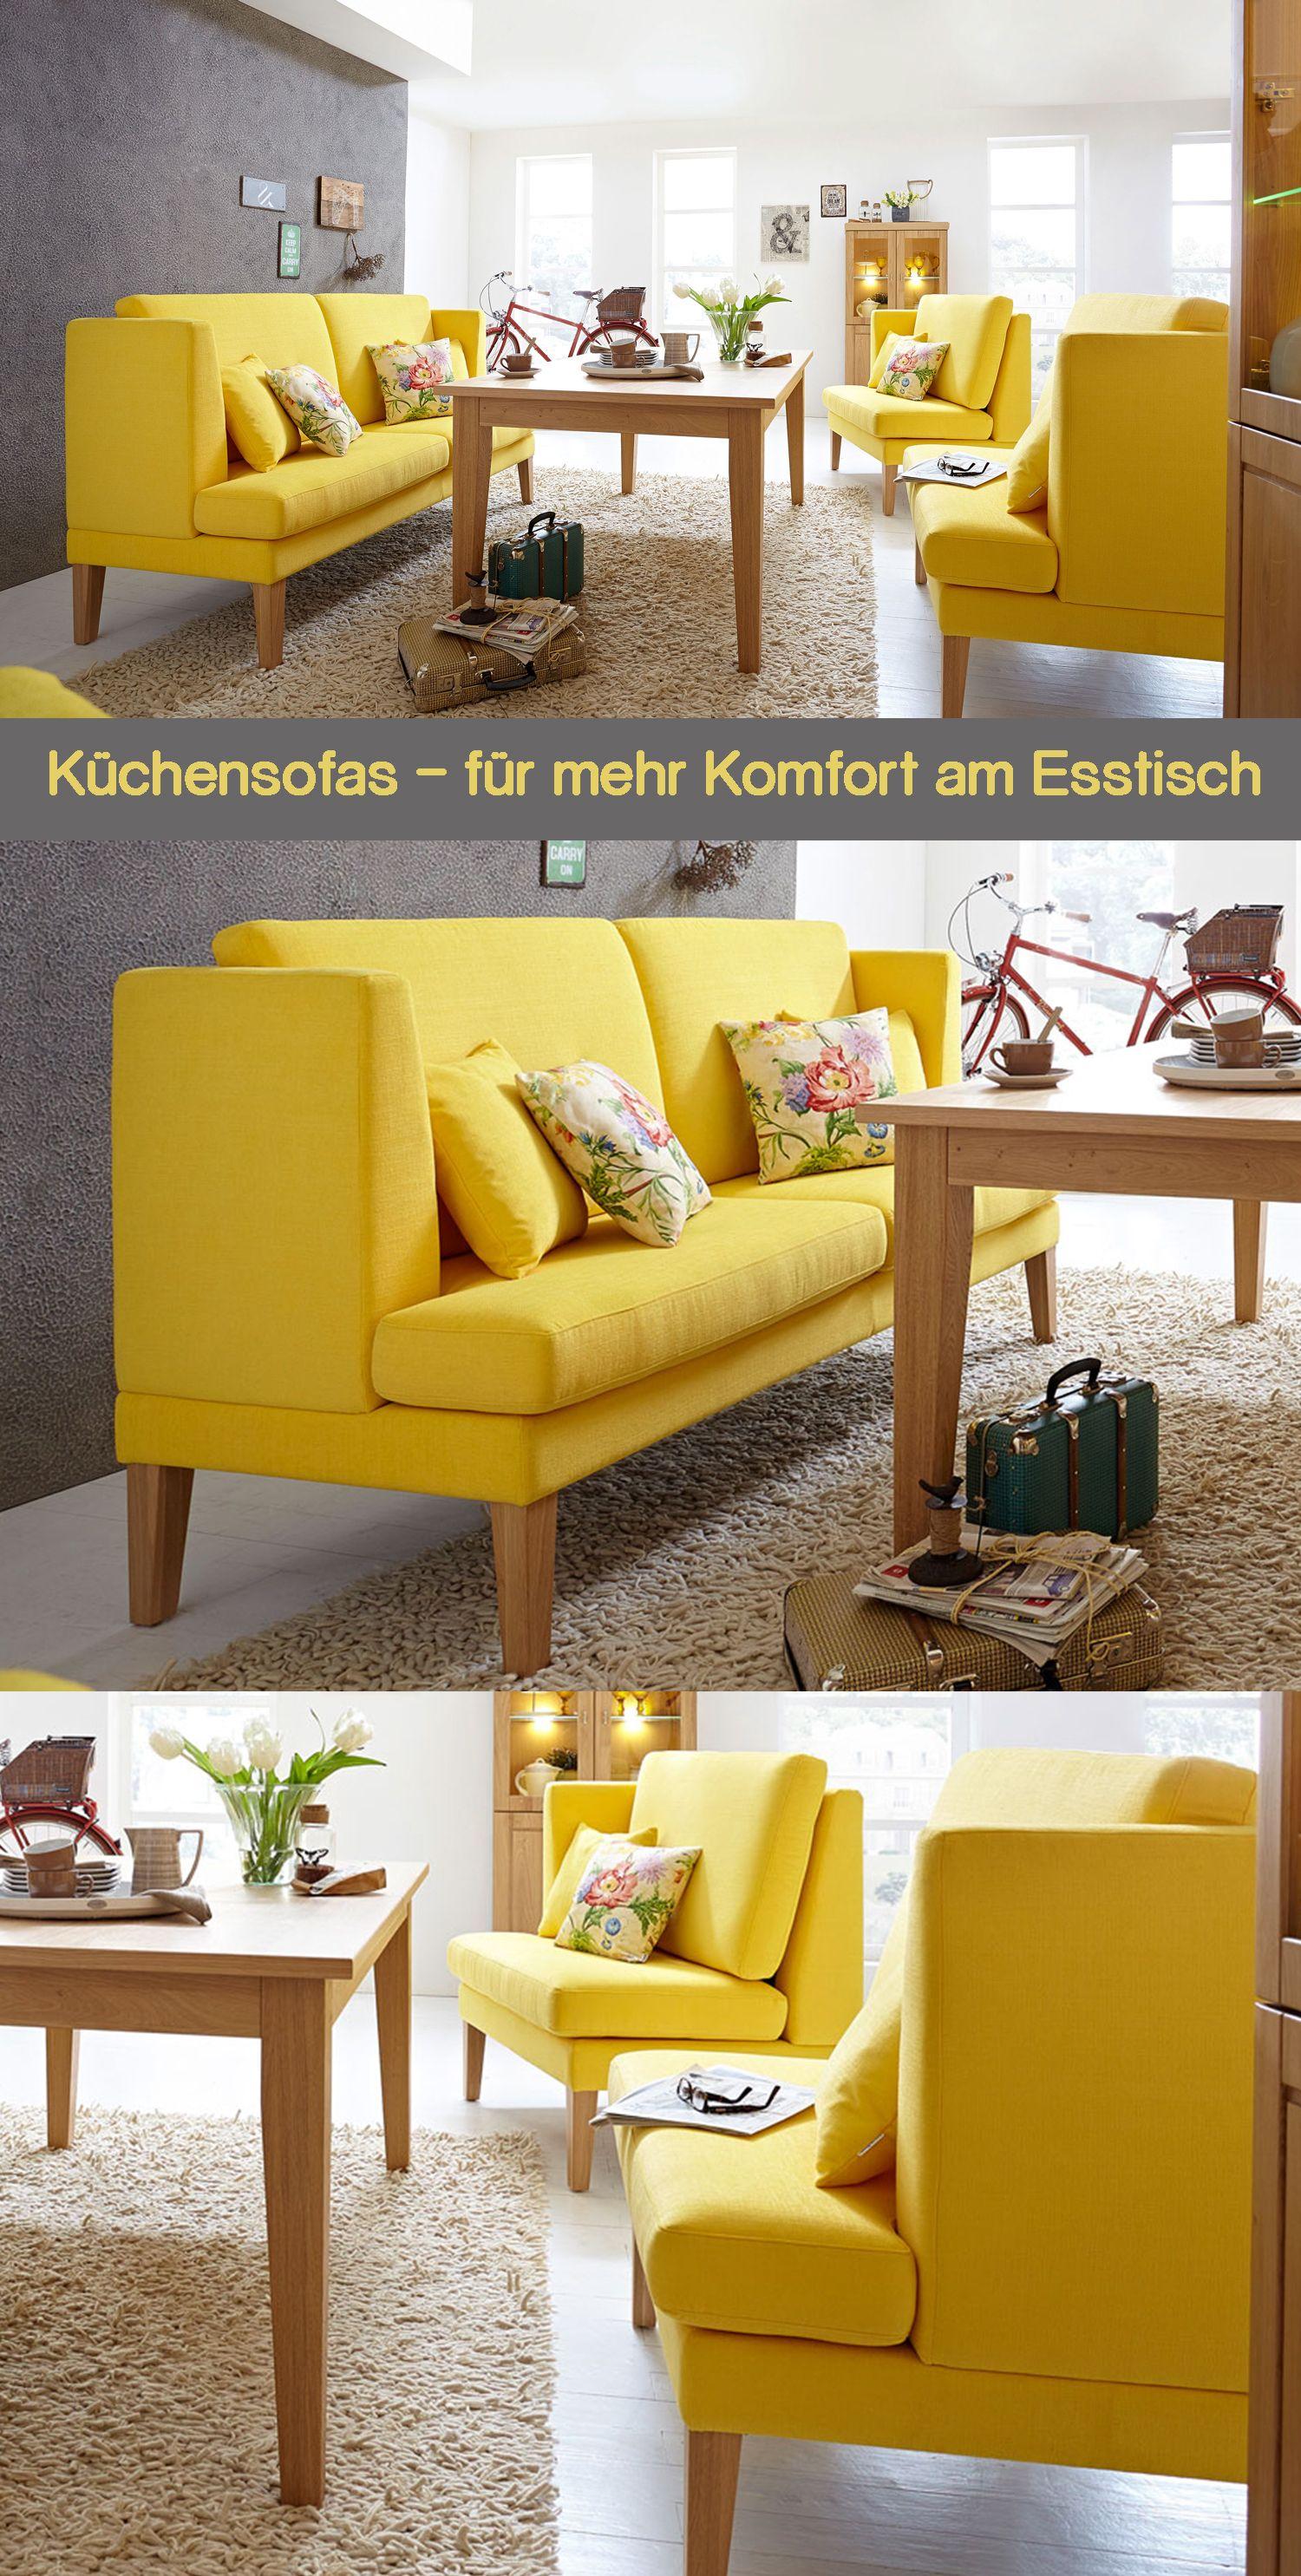 Küchensofas - für mehr Komfort am Esstisch | Küchensofas sind ...